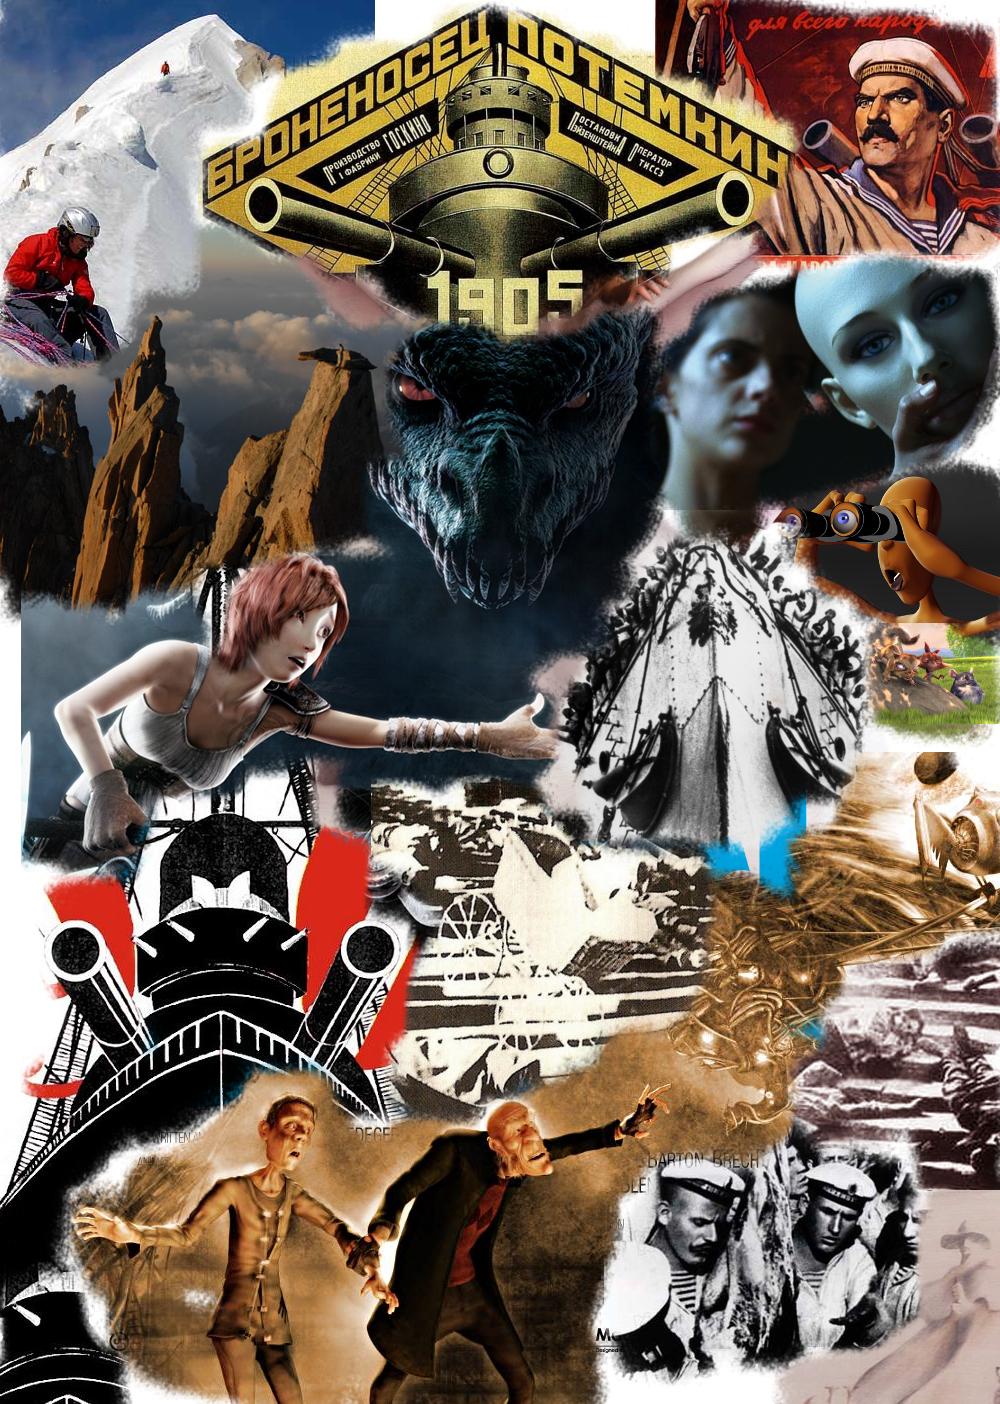 poster_medium